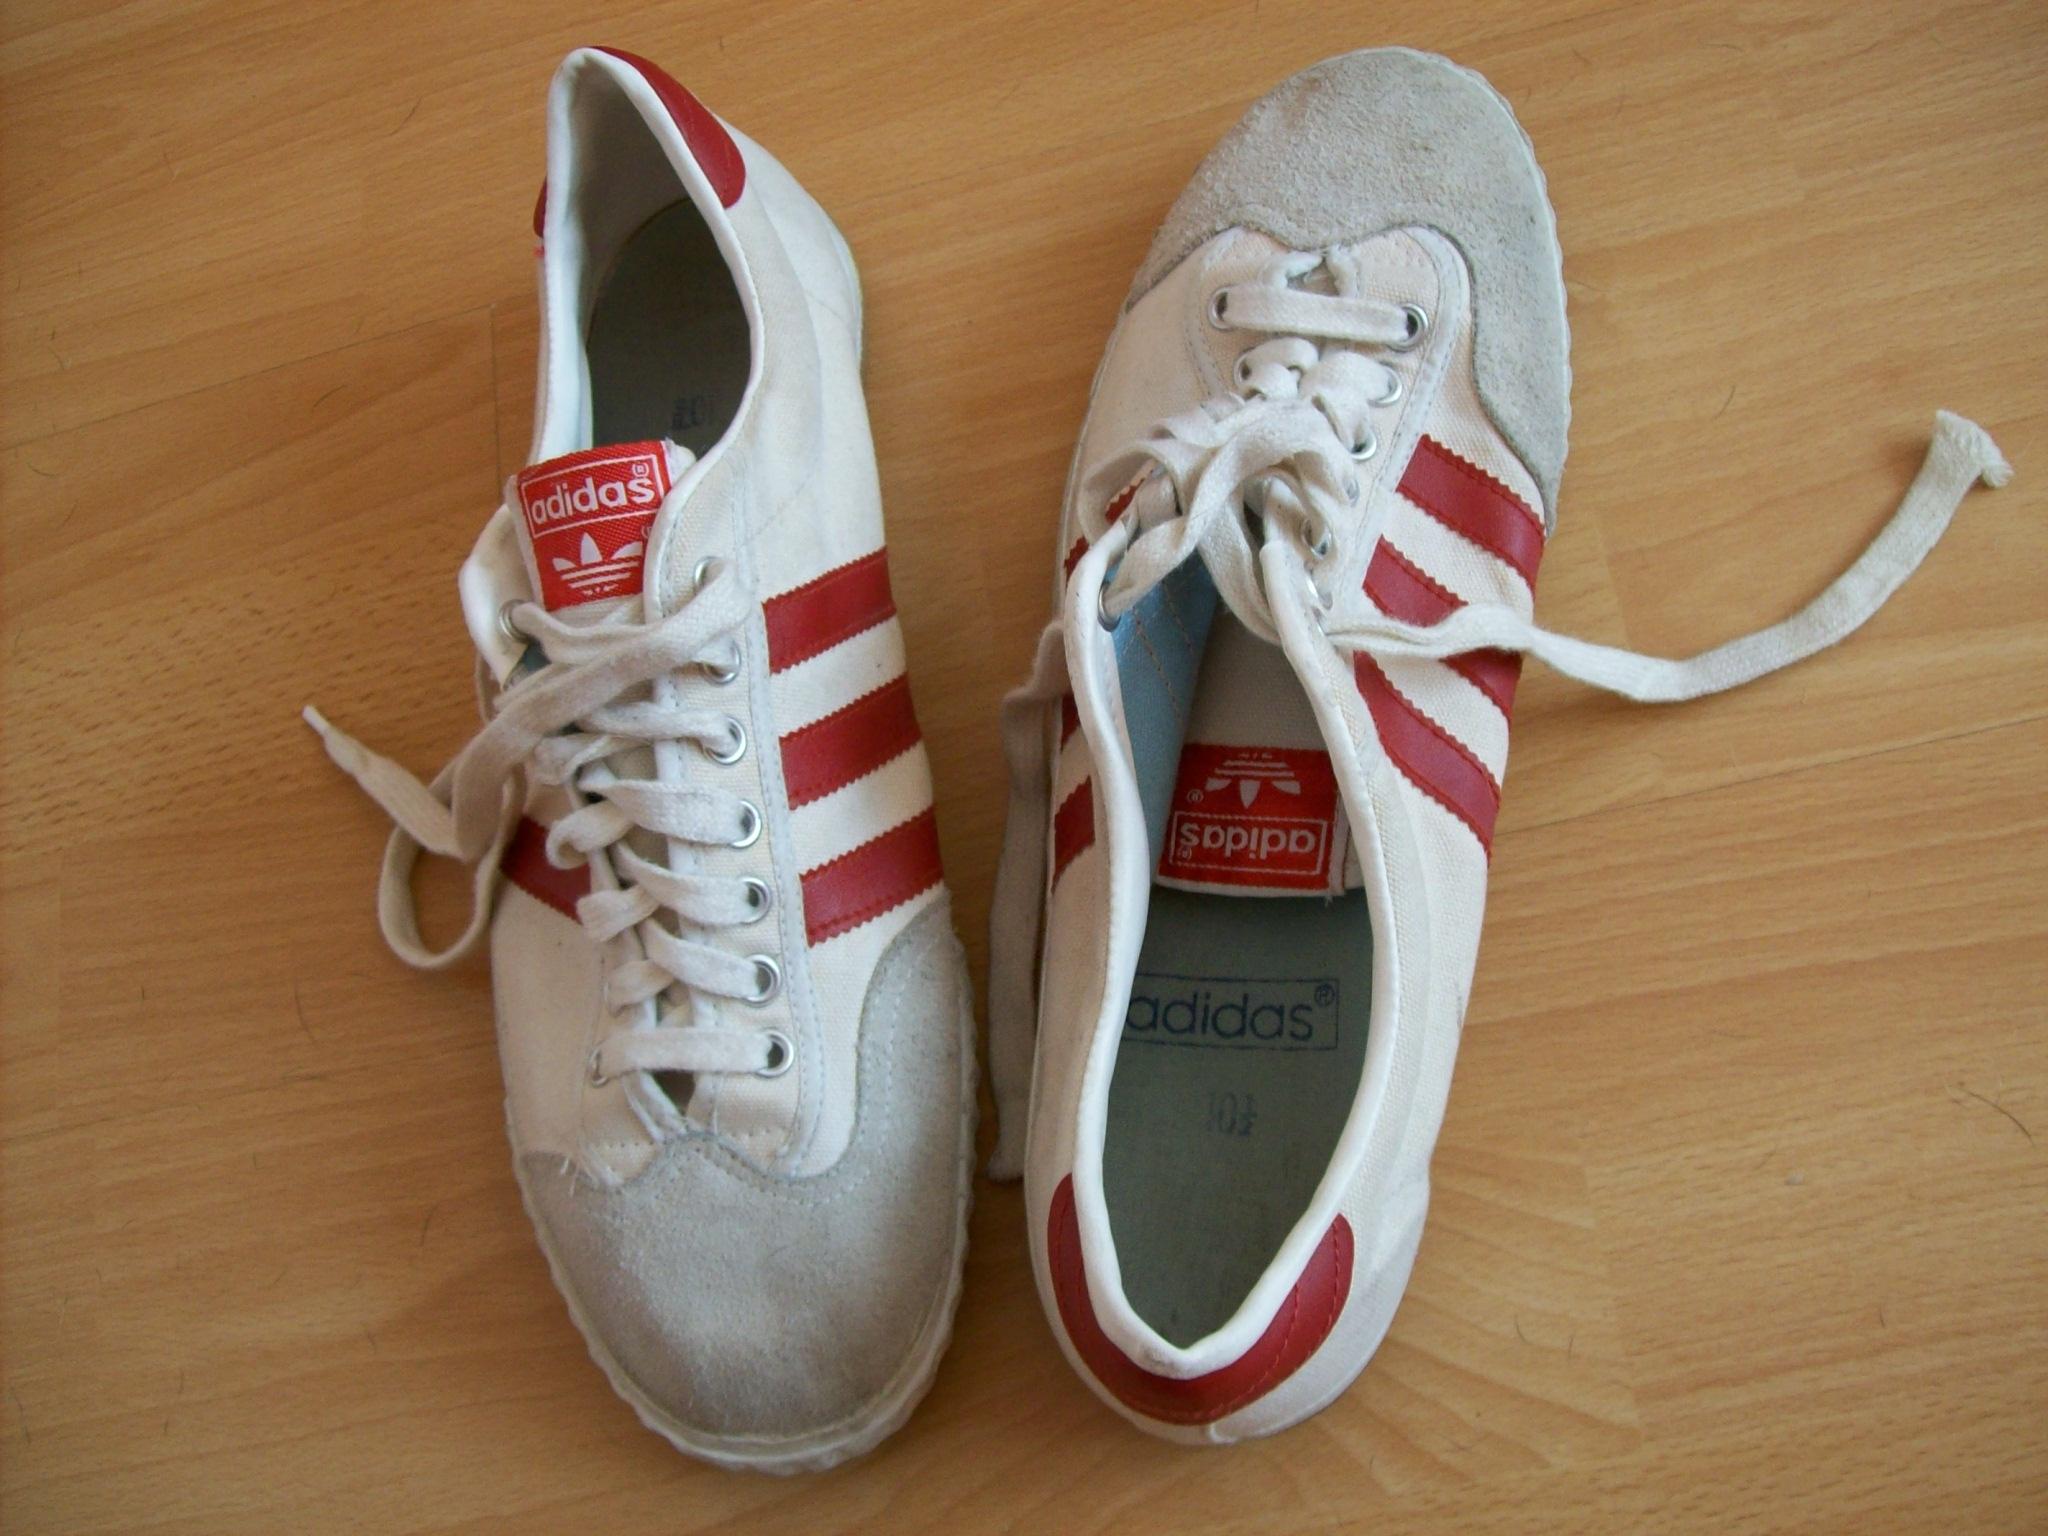 da16e1fd2 buty adidas w kategorii Kolekcje w Oficjalnym Archiwum Allegro - archiwum  ofert